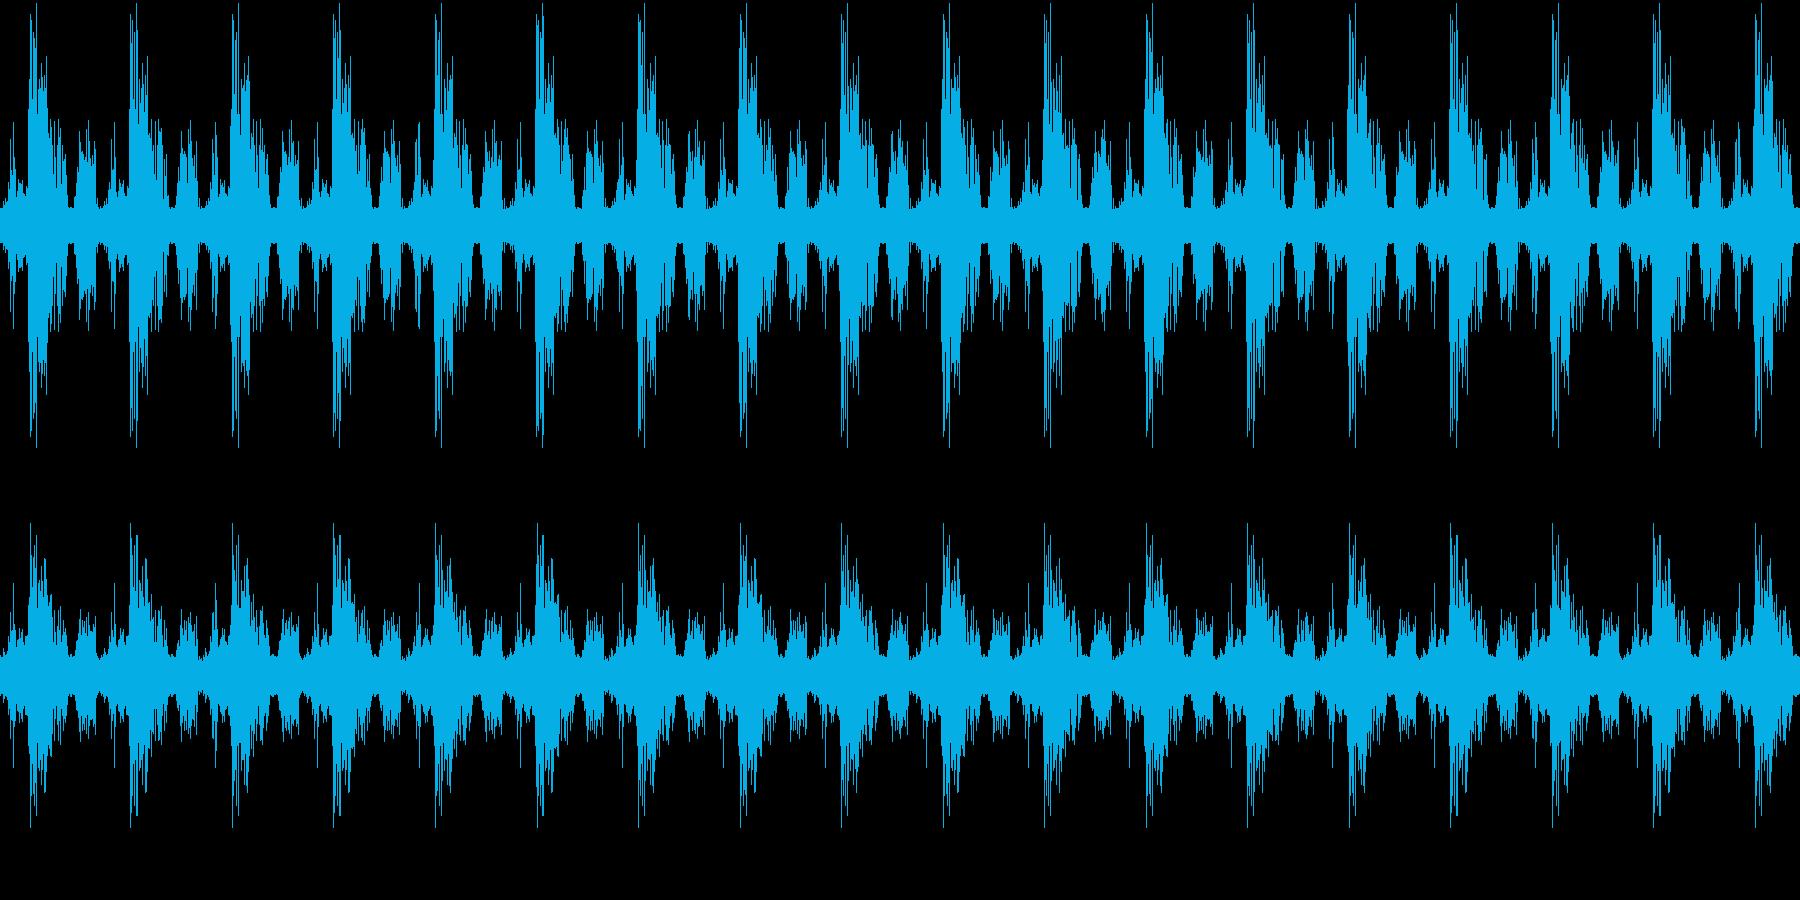 小鳥、雀のさえずり(環境音・自然音)の再生済みの波形